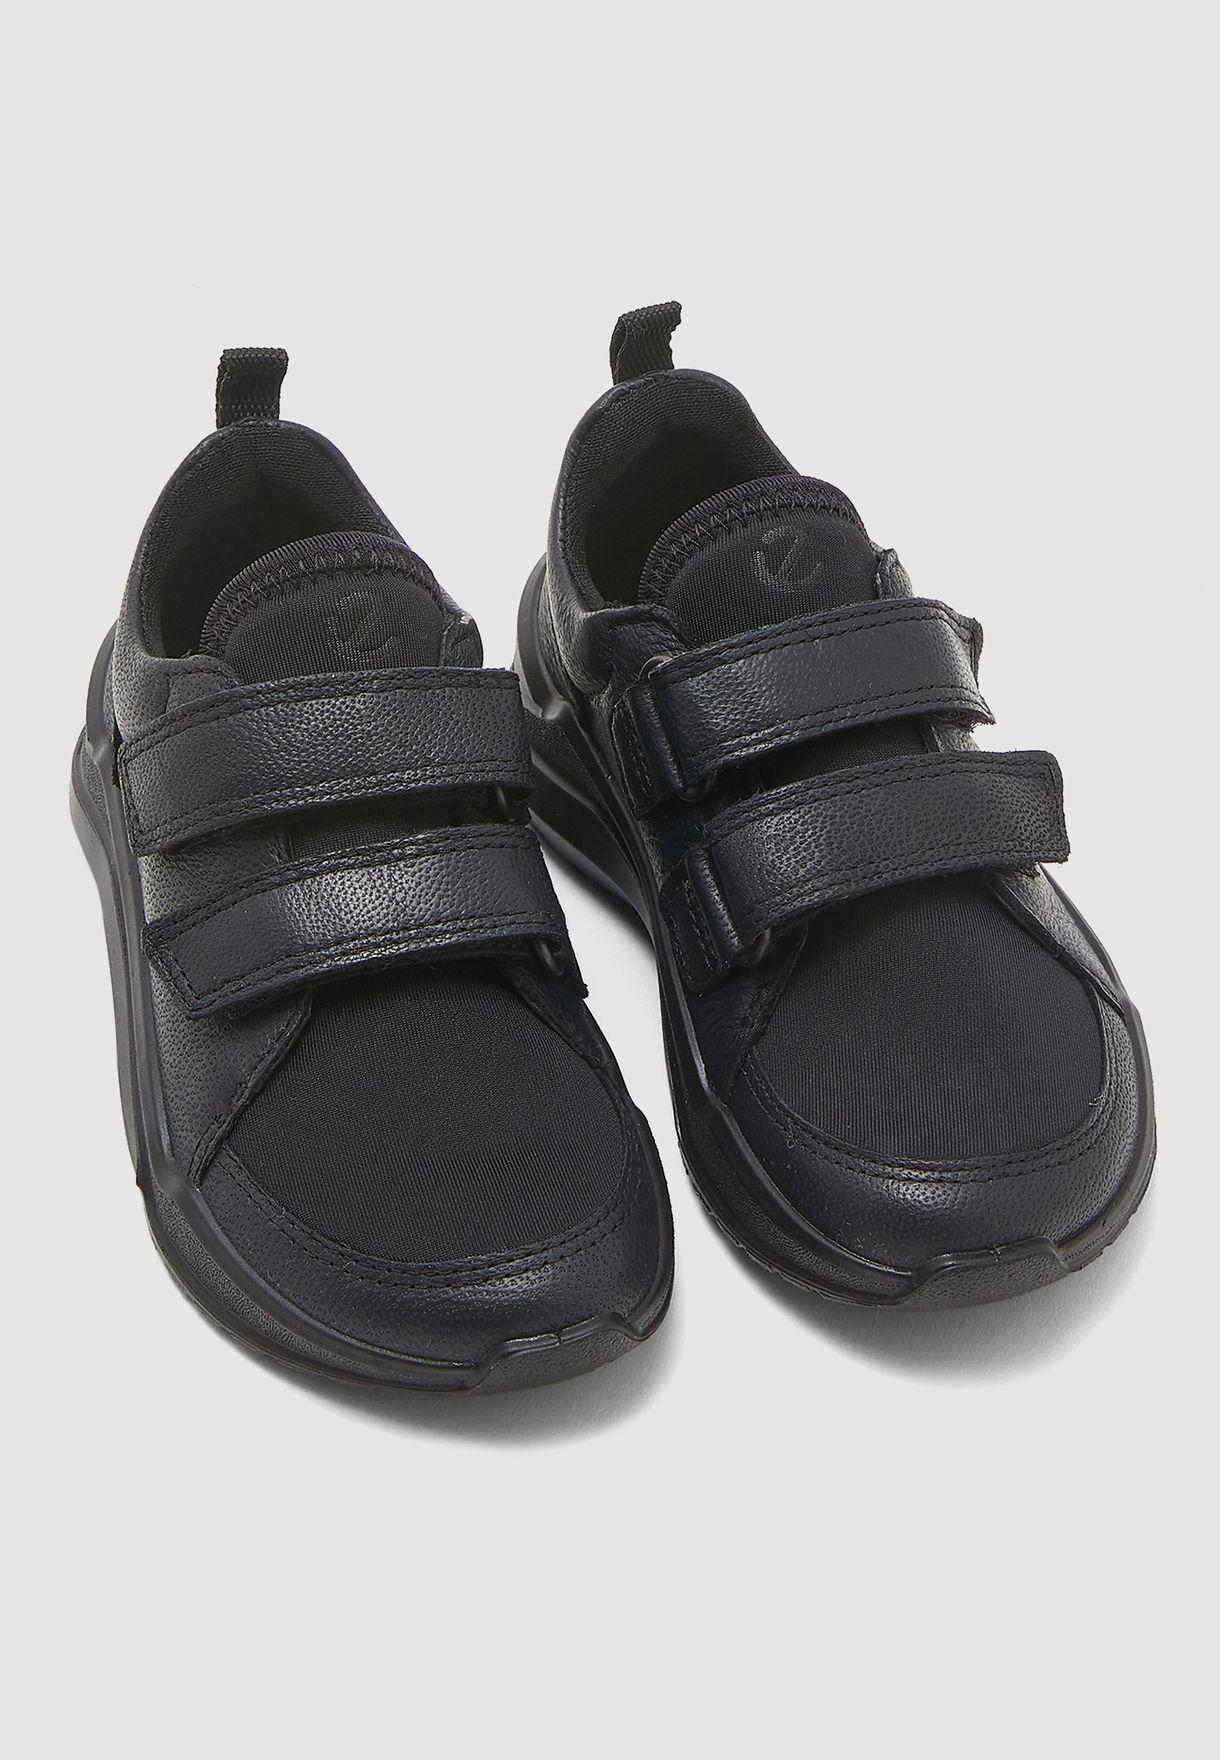 Kids Intervene Sneaker